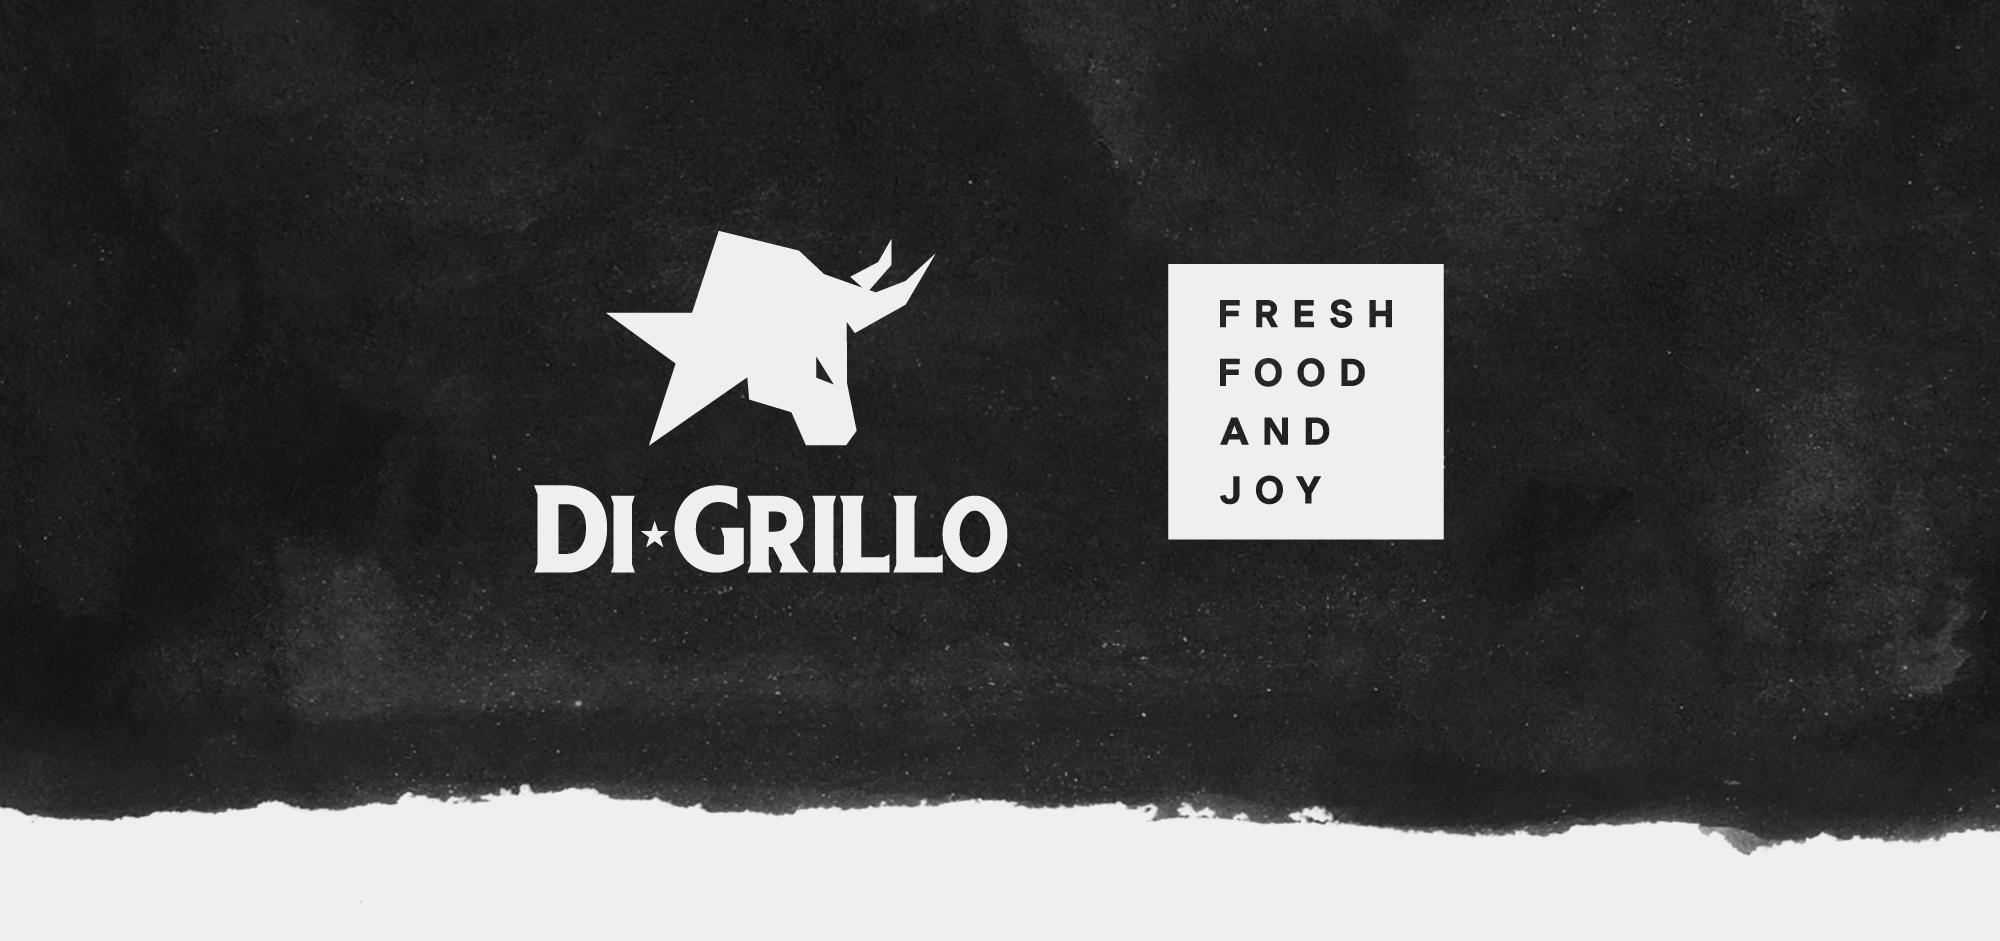 Екипа на Творческа Муза създаде цялостен брандинг за садвич бар Sandwich Bar Di Grillo - лого дизайн, интериорен и рекламен дизайн, менюта